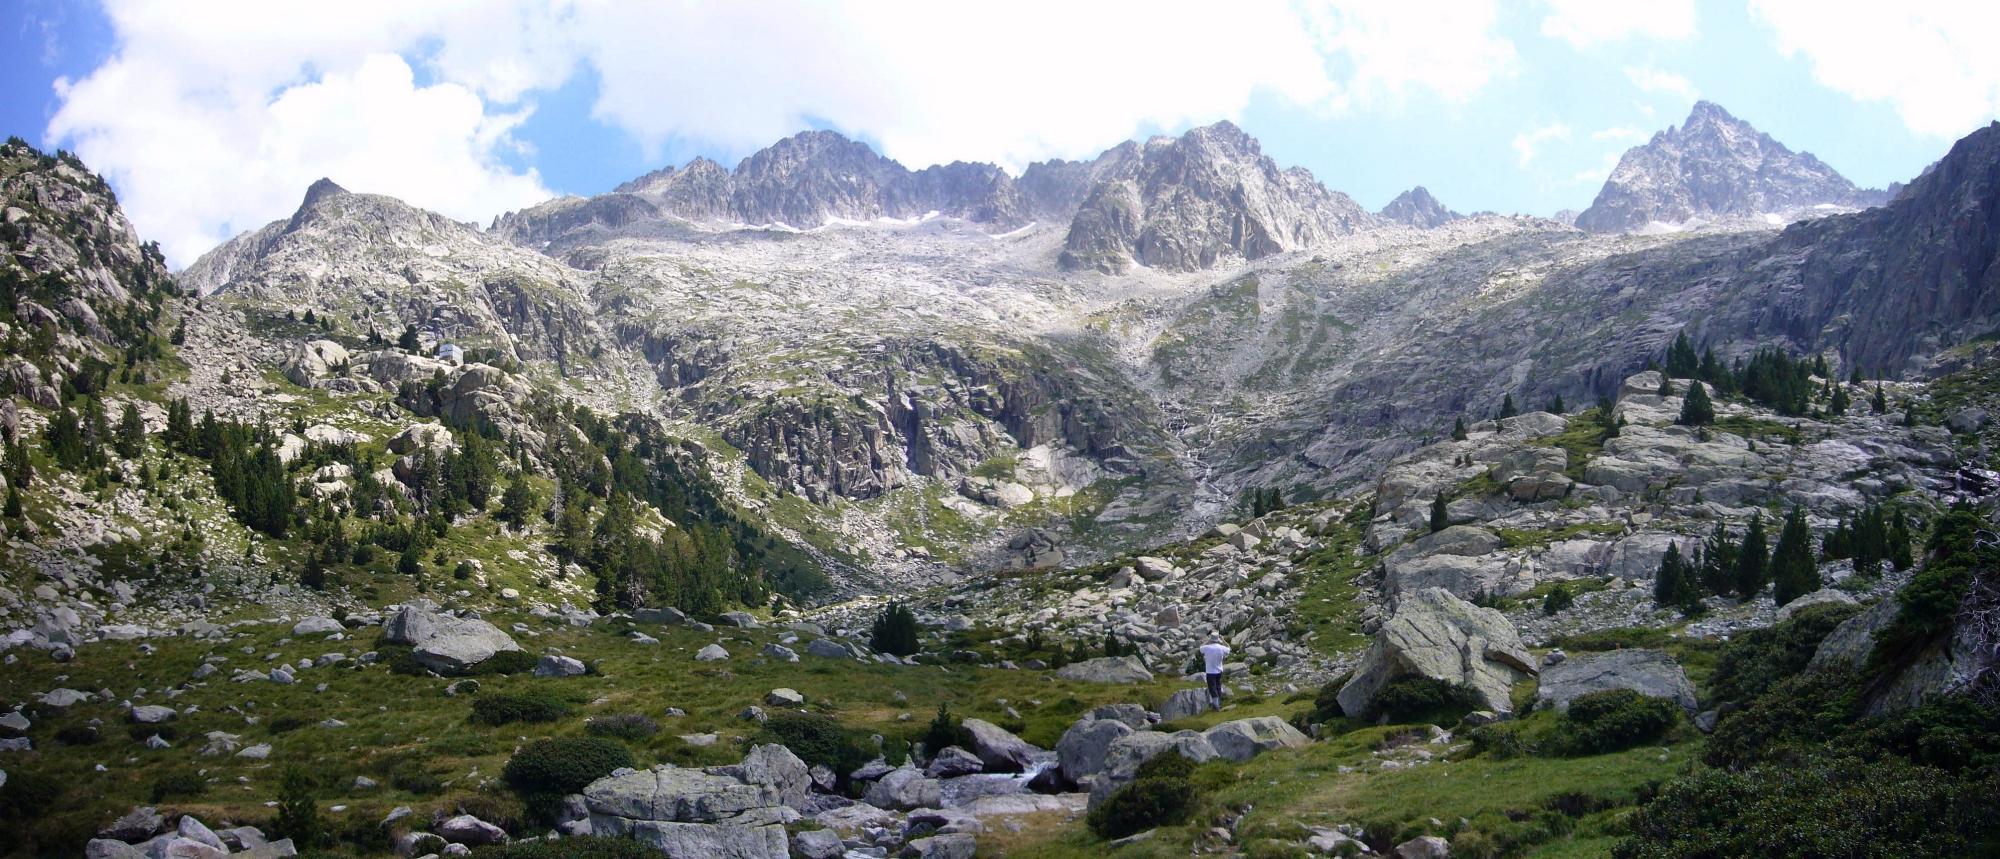 Besiberri_Nord_i_del_Mig,_i_Pic_d'Avellaner